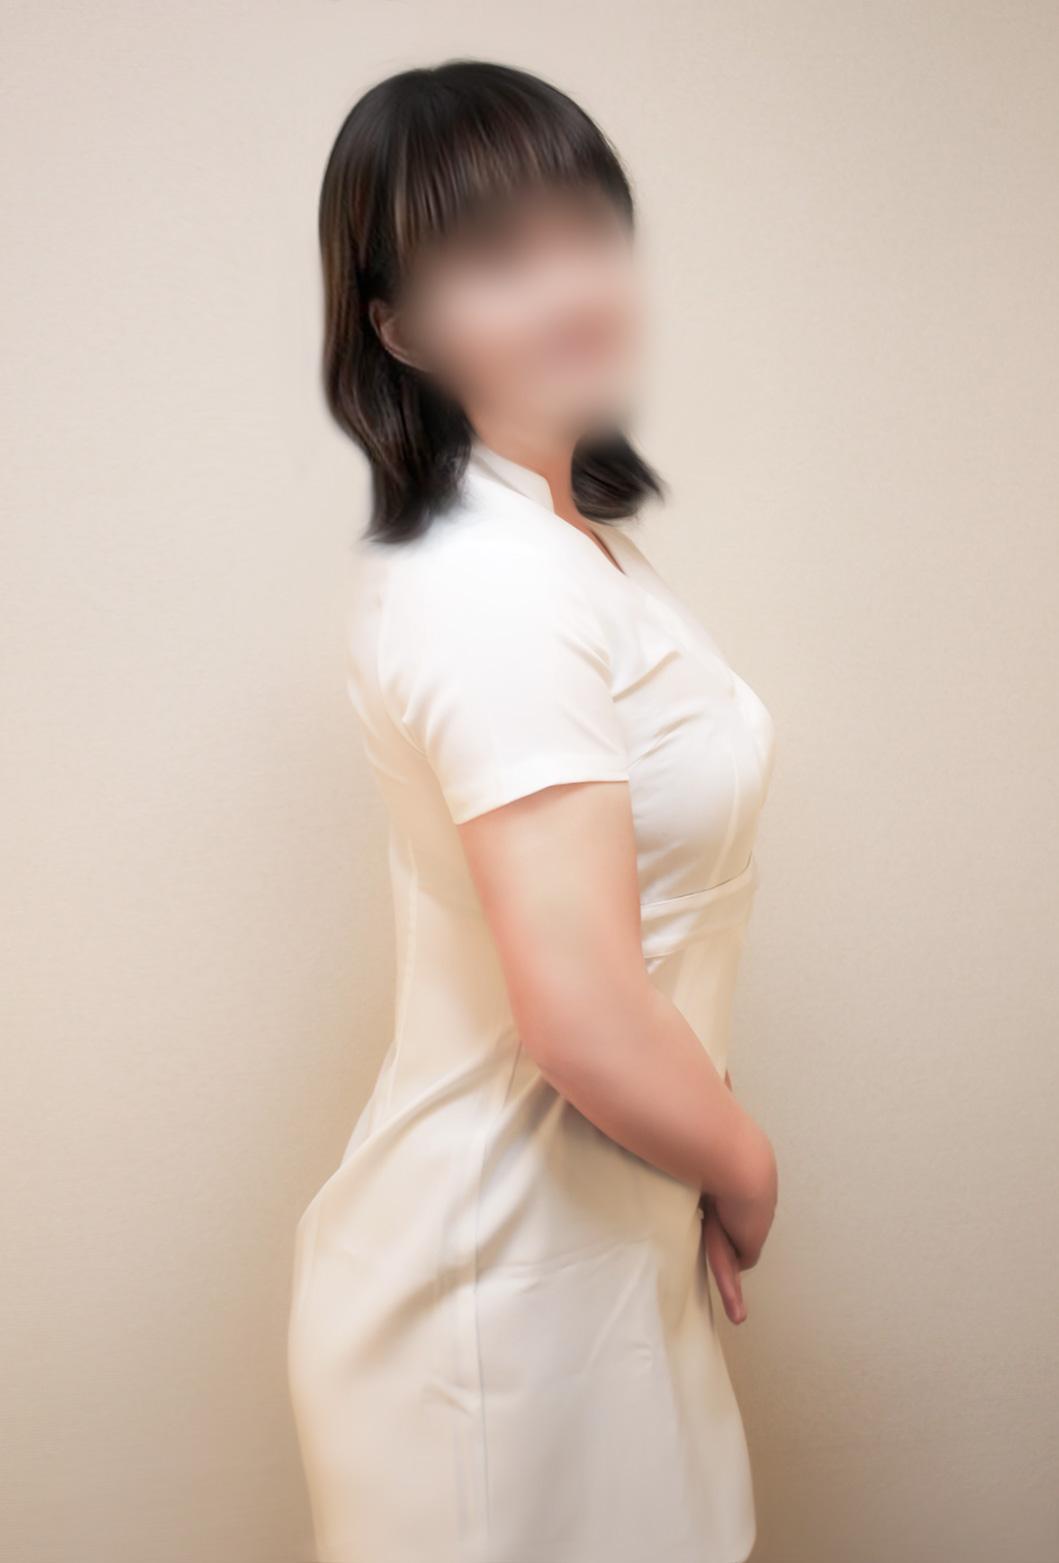 スタッフ円形サムネイル画像